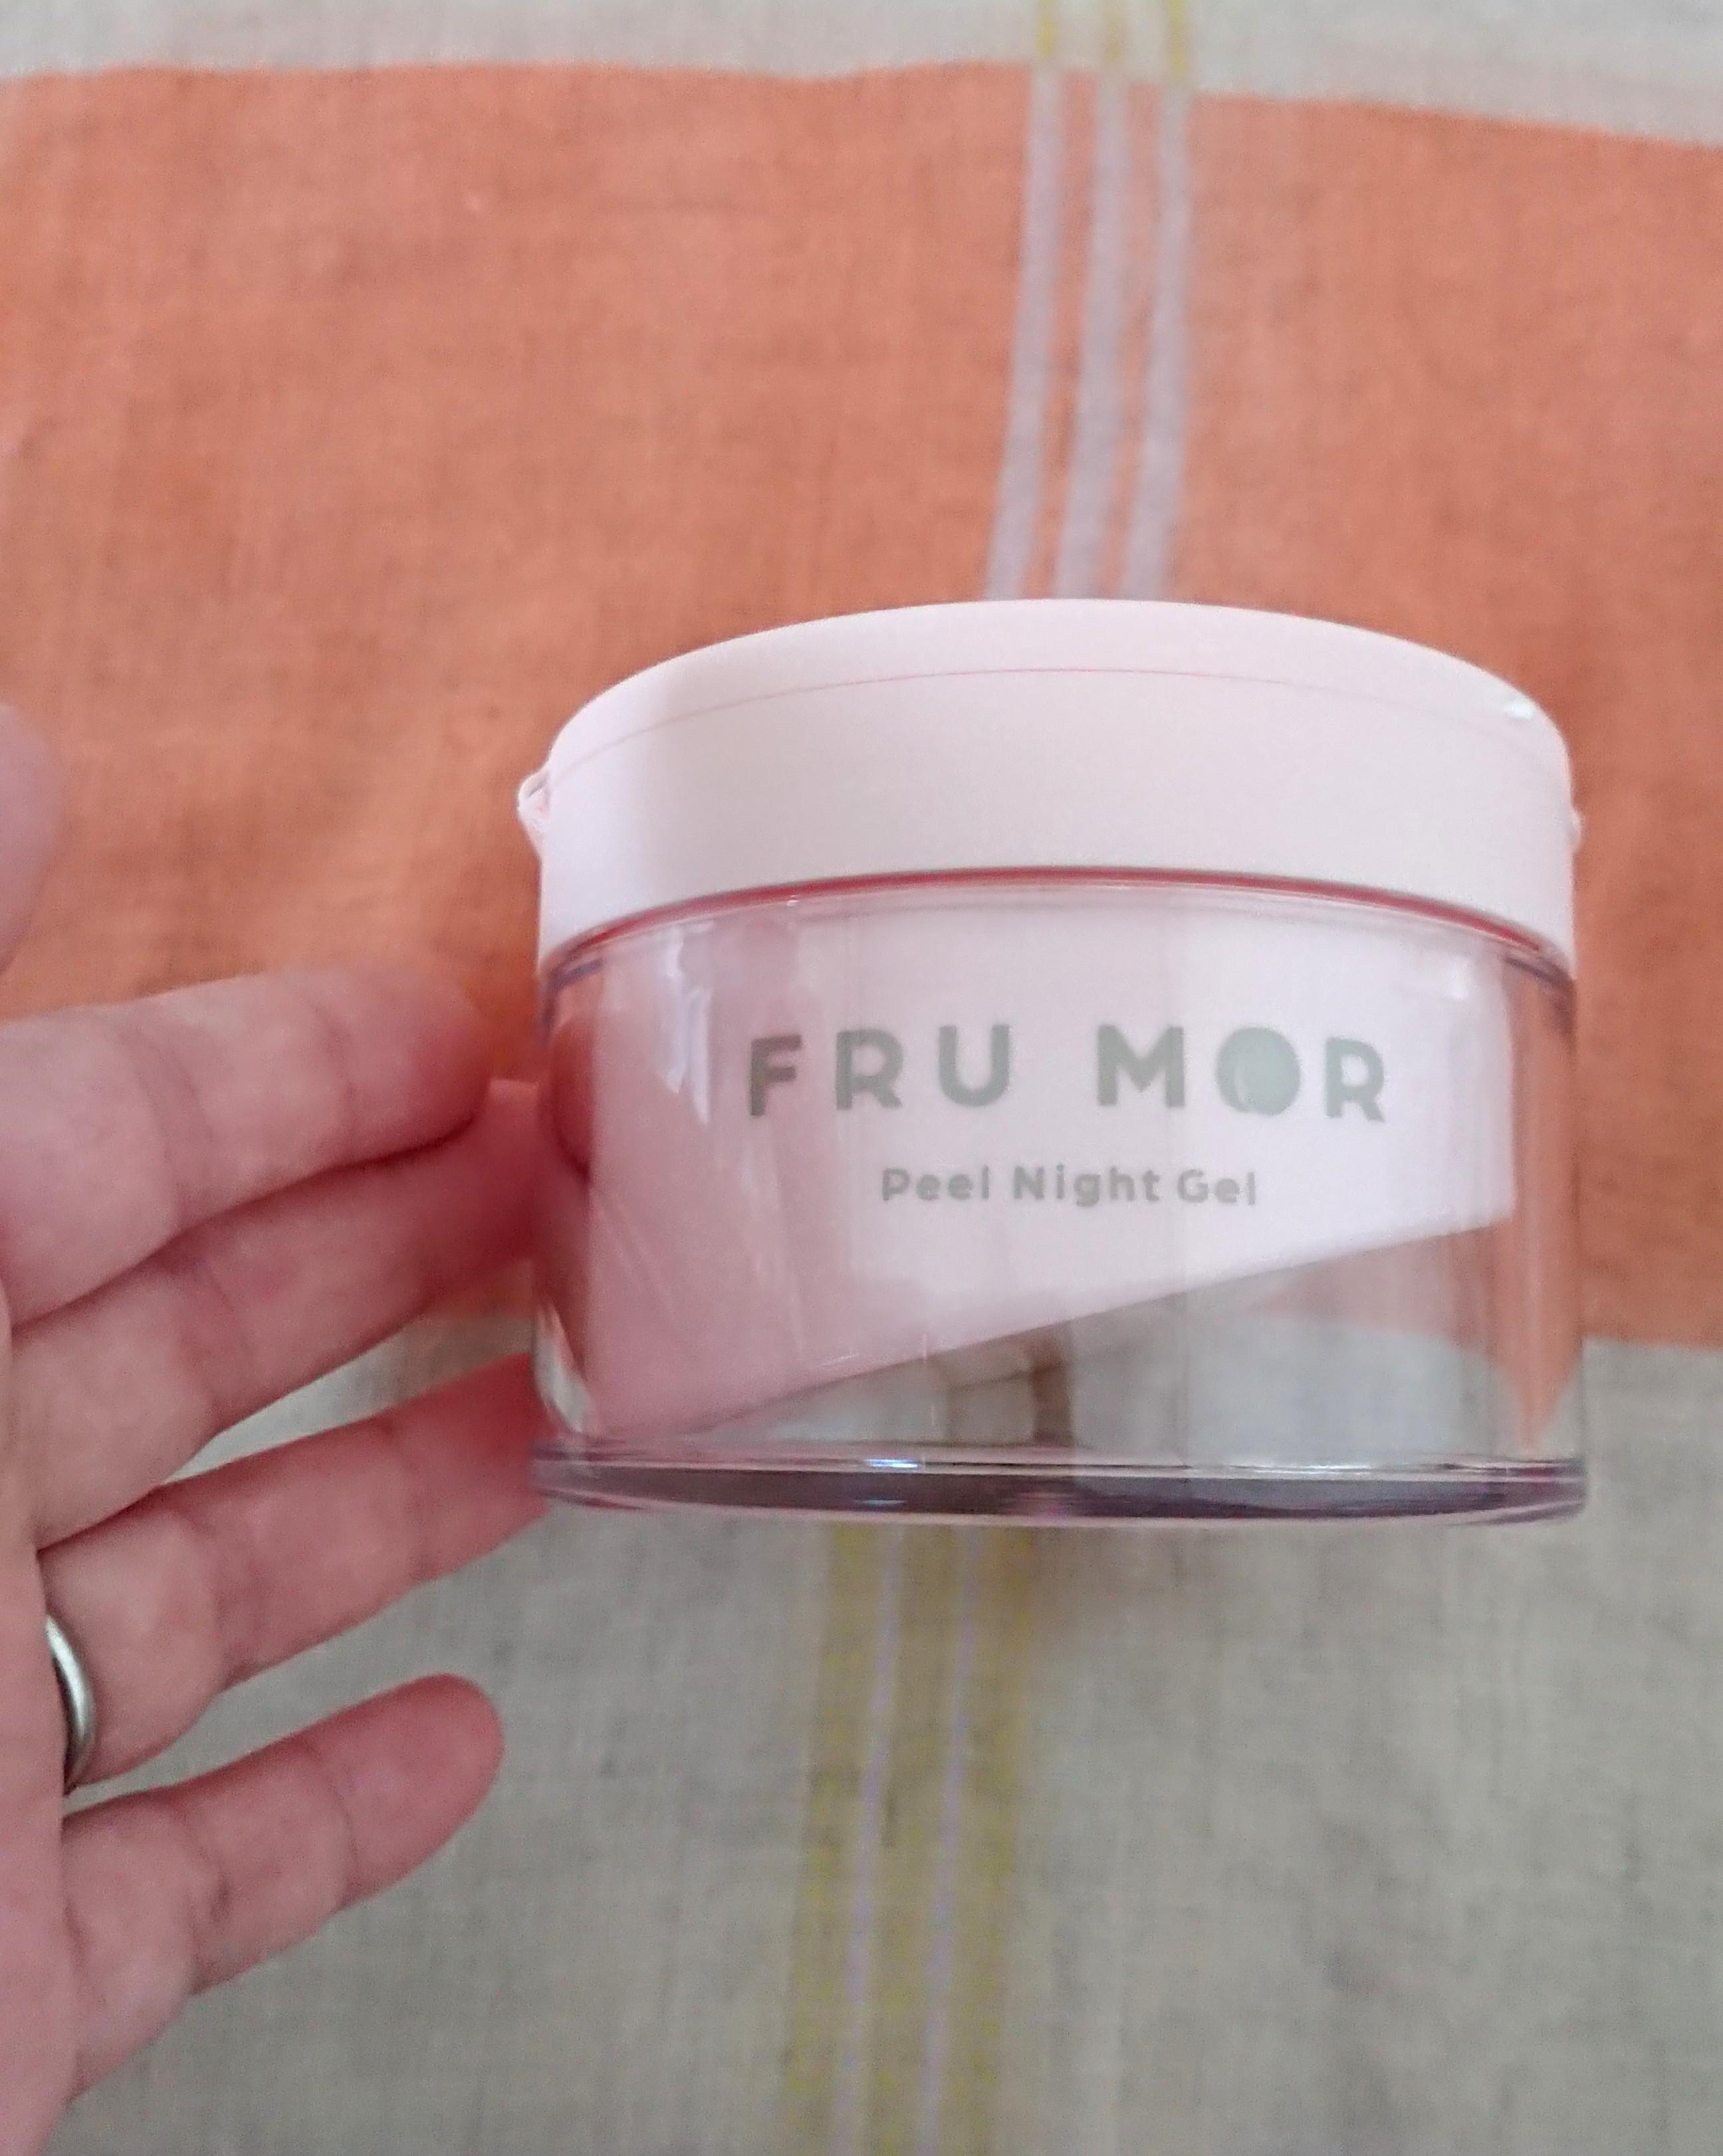 FRU MOR(フルモア) ピールナイトジェルの良い点・メリットに関する恵未さんの口コミ画像1